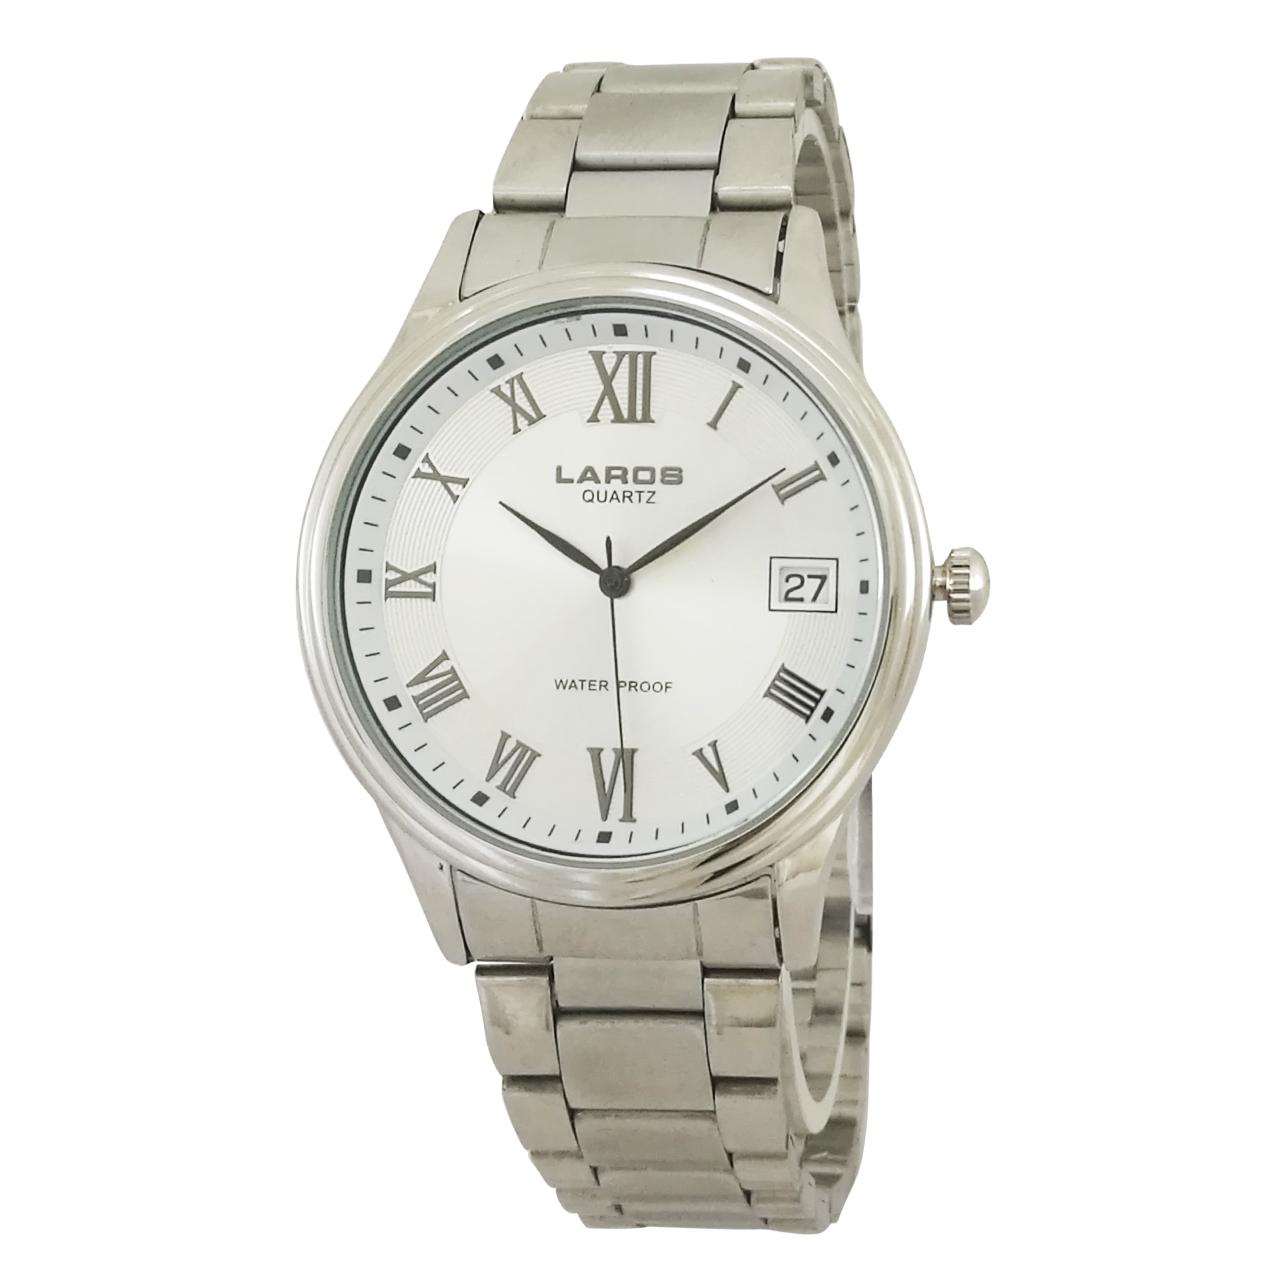 ساعت مچی عقربه ای مردانه لاروس مدل 0817-80071-d به همراه دستمال مخصوص برند کلین واچ 18